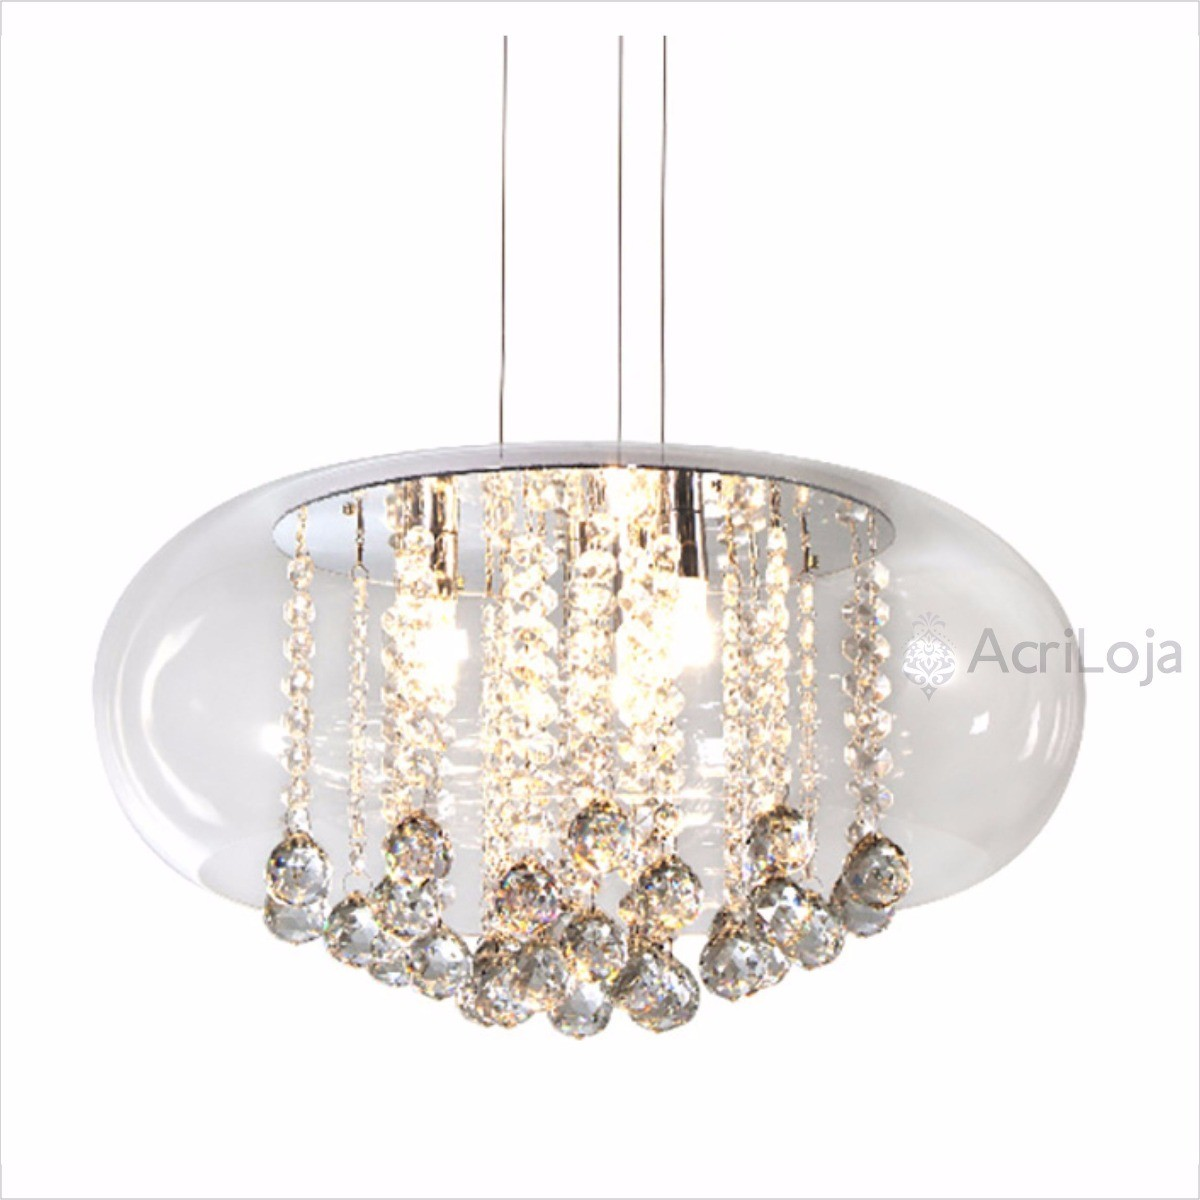 Luminaria Pendente Cristallia de Acrilico Cristal com Cristais 55cm x 18cm Altura, Lustre de Teto em Promoção